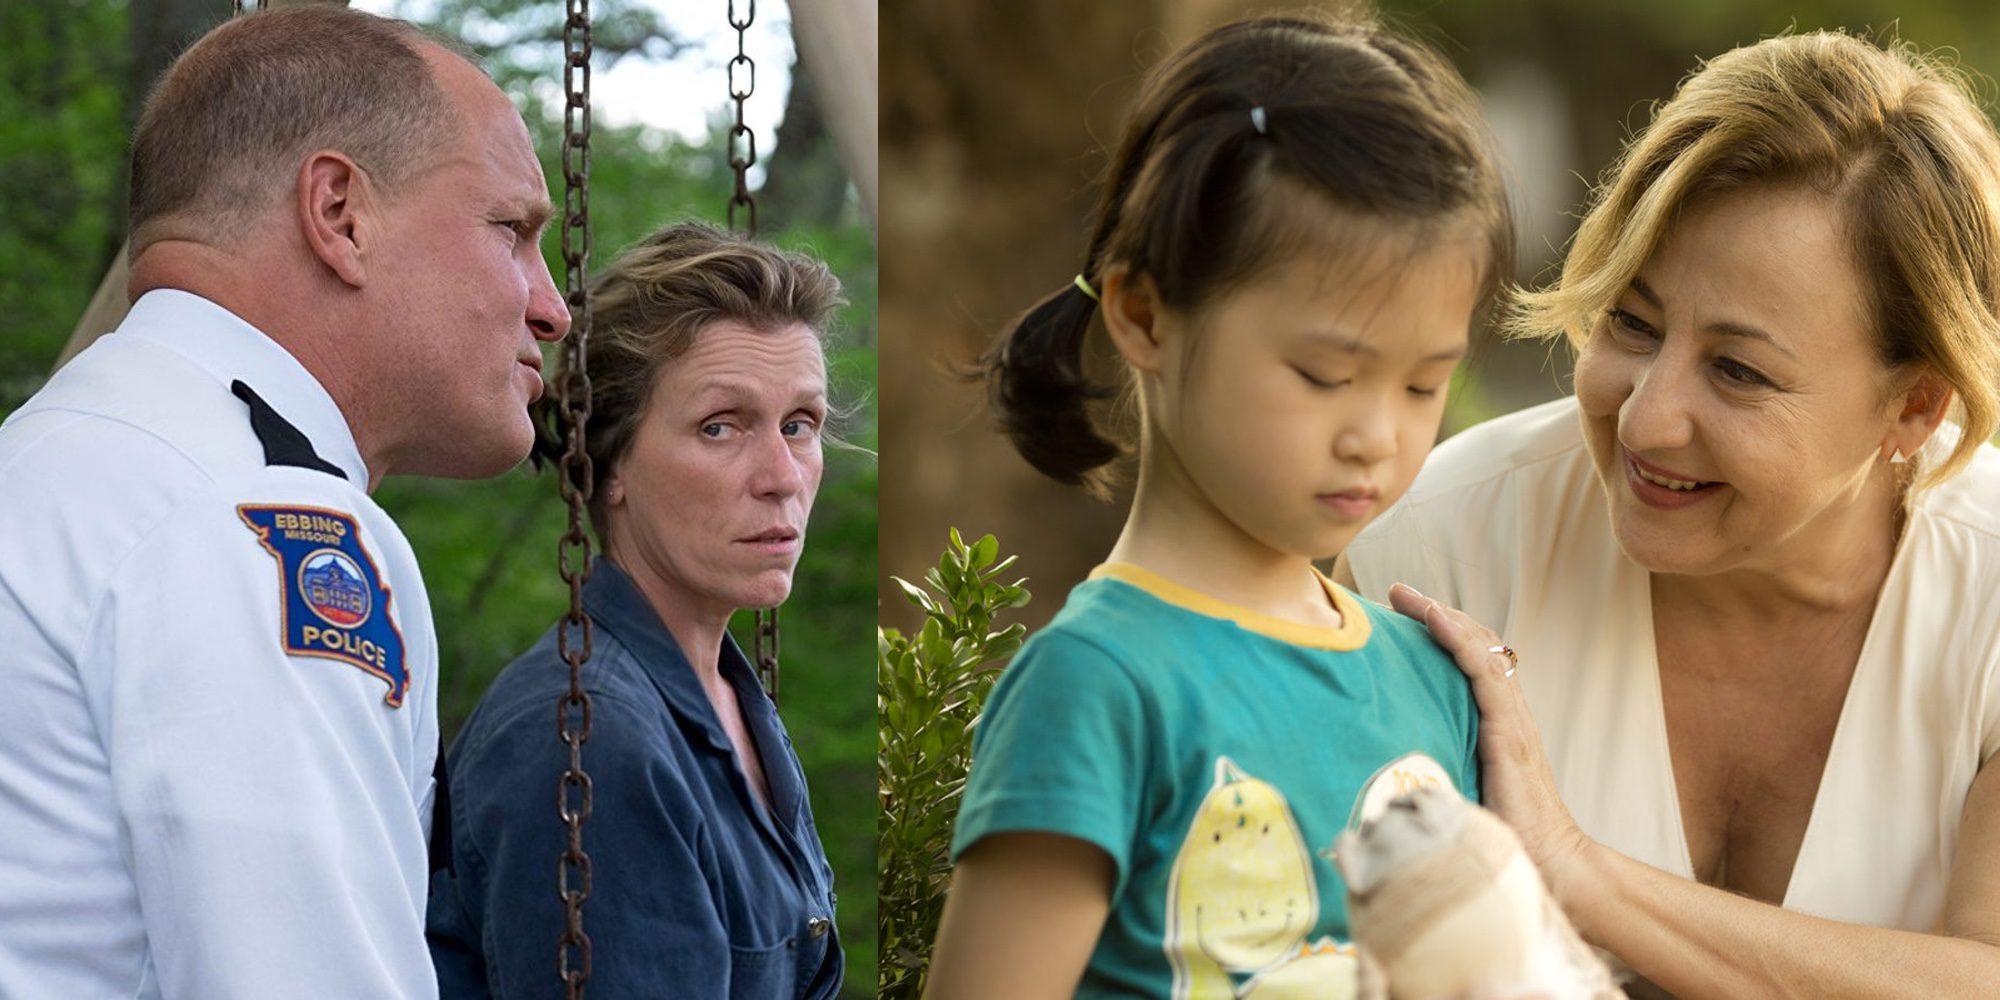 'Tres anuncios a las afueras', 'Thi Mai' y 'El instante más oscuro' protagonizan los estrenos de la semana